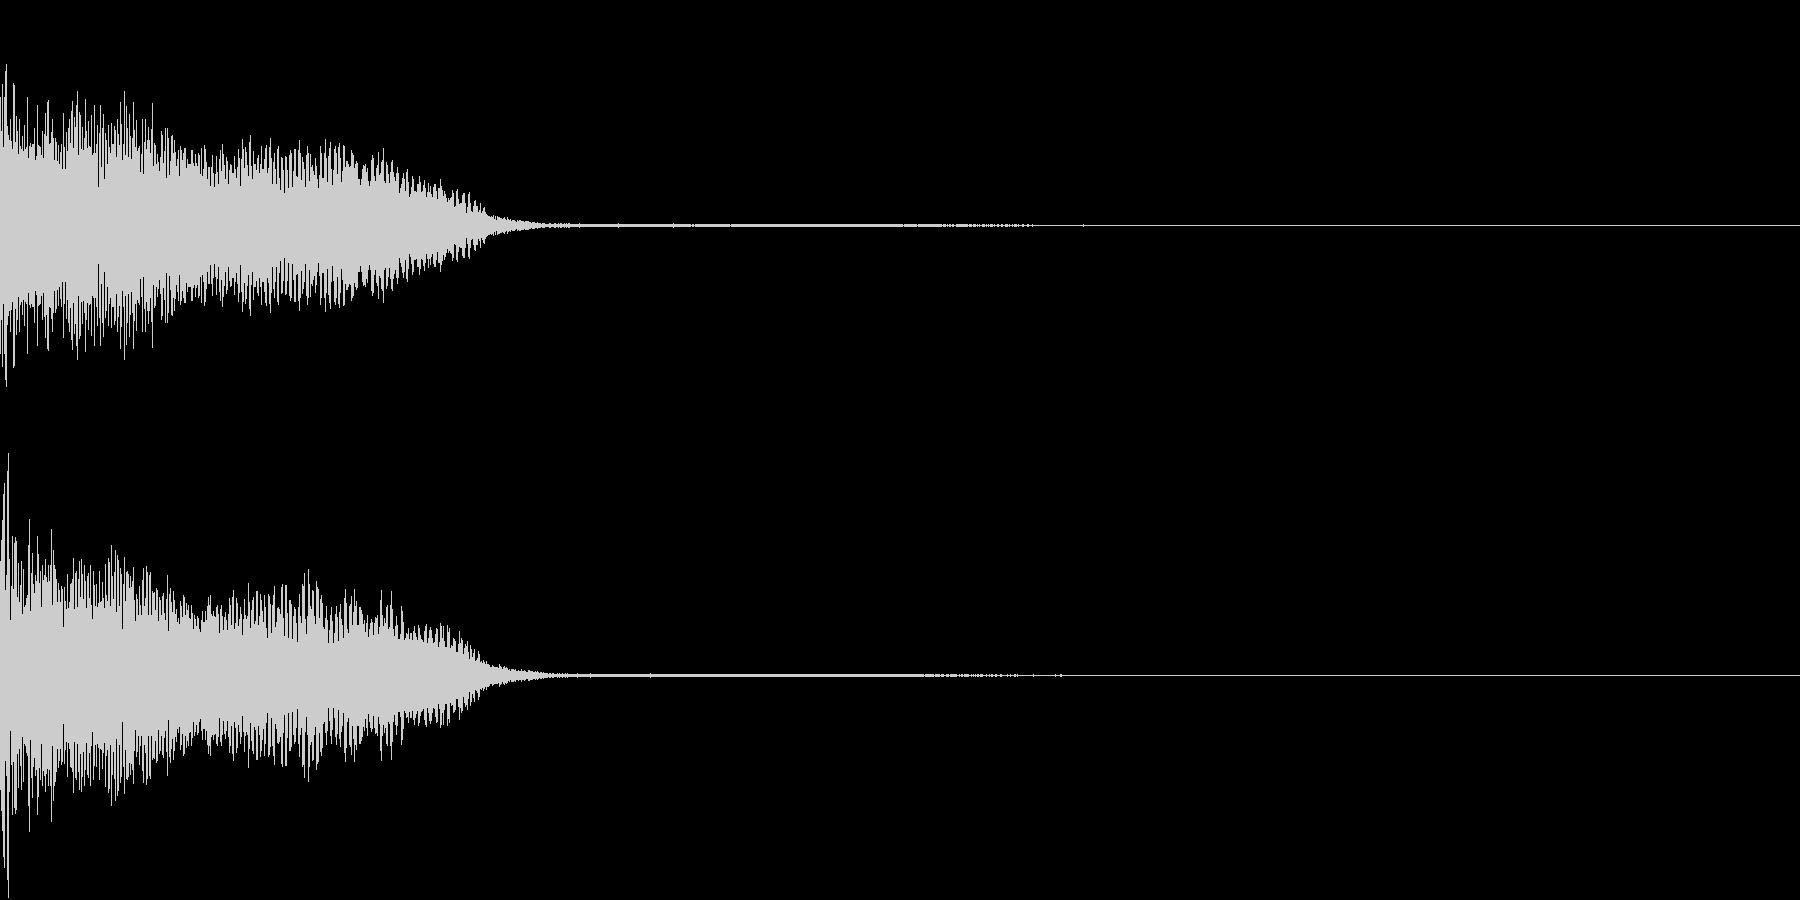 InvaderBuzz 発砲音 33の未再生の波形